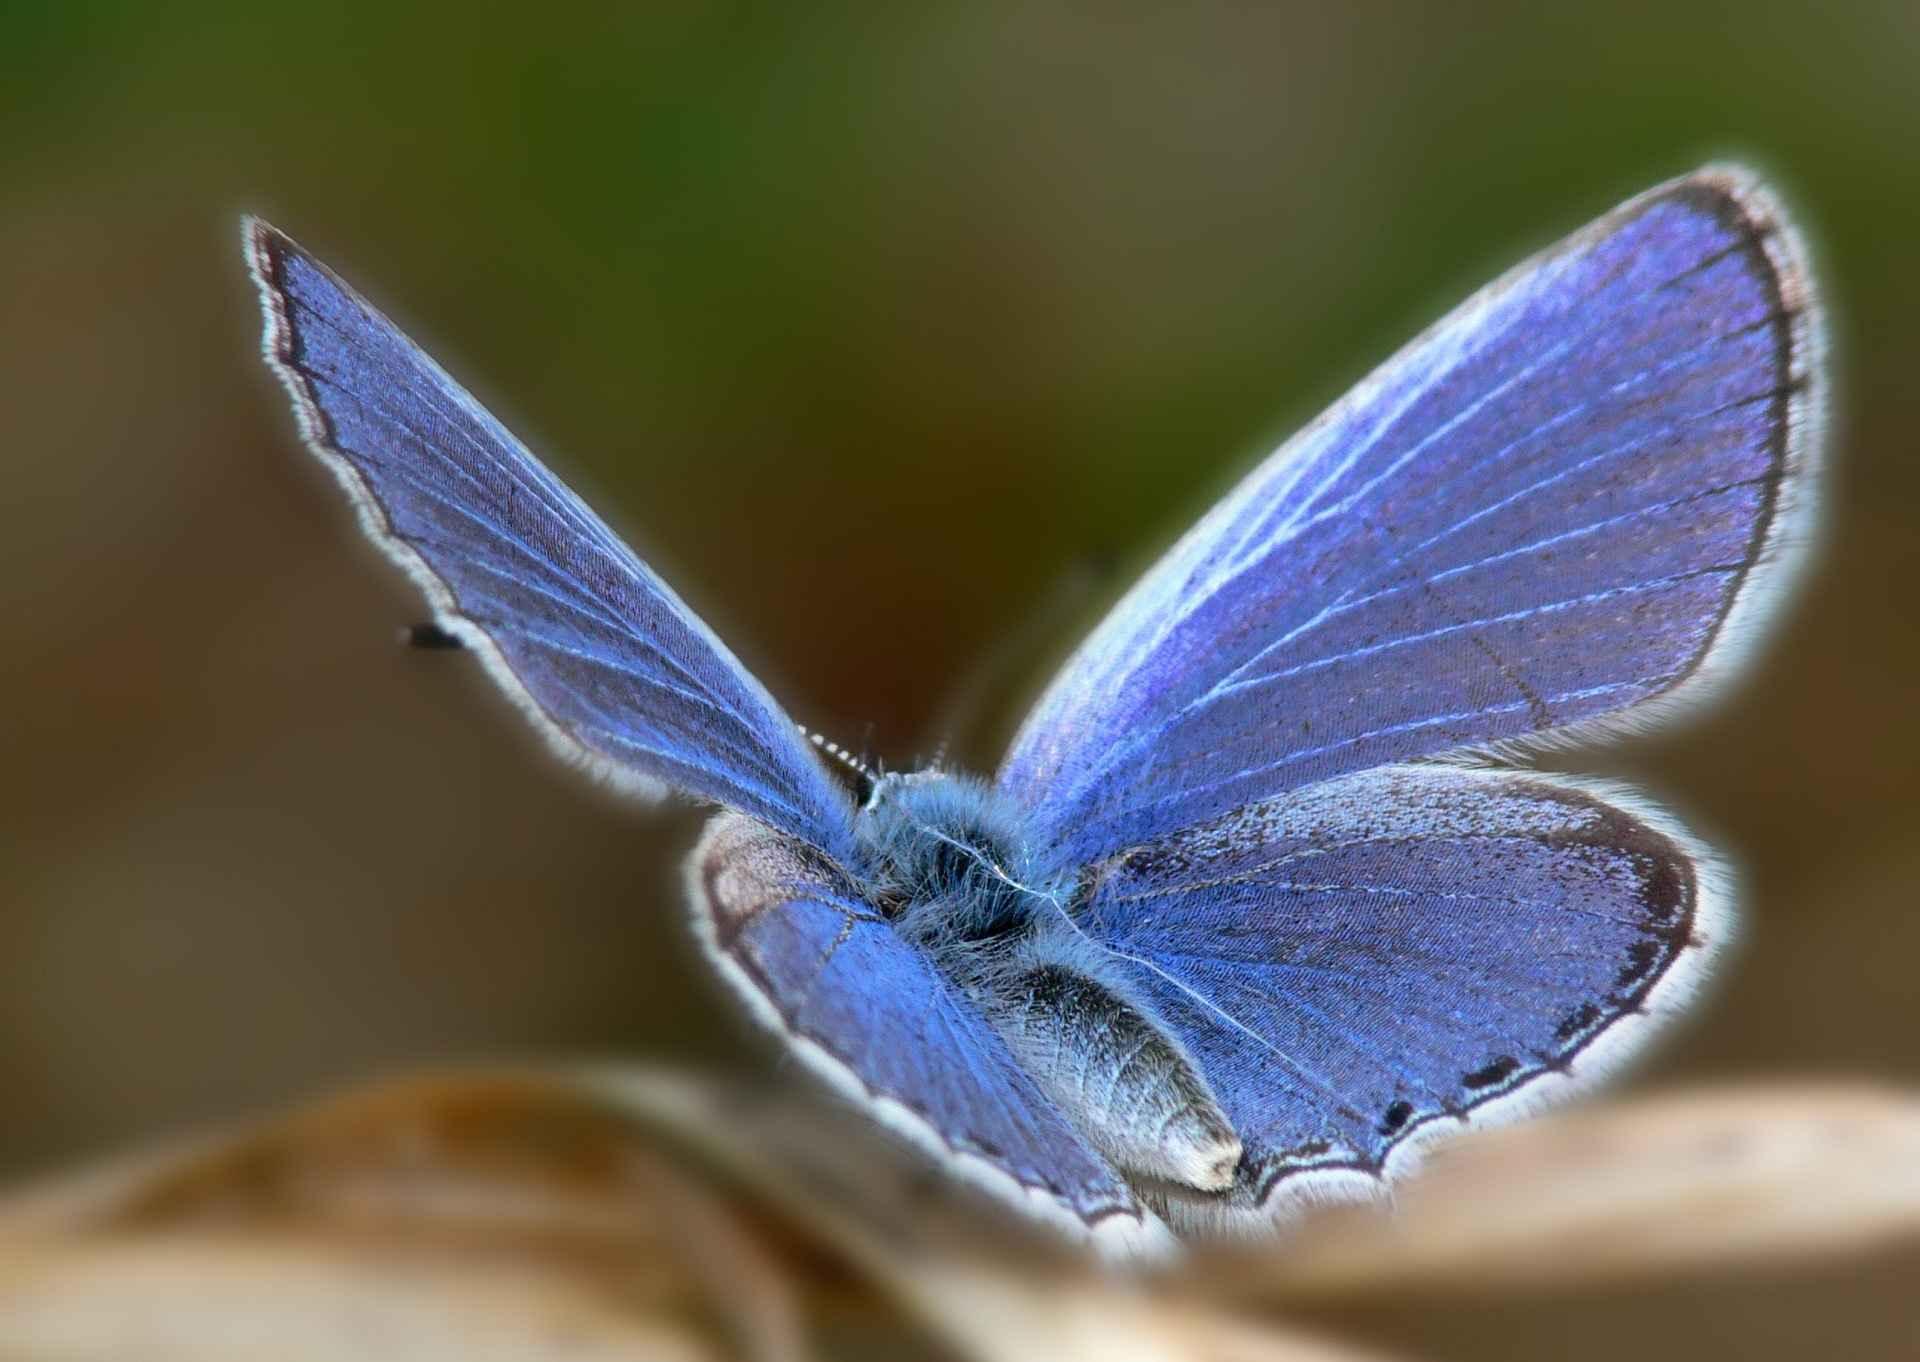 عکس هایی از پروانه های زیبا و رنگارنگ